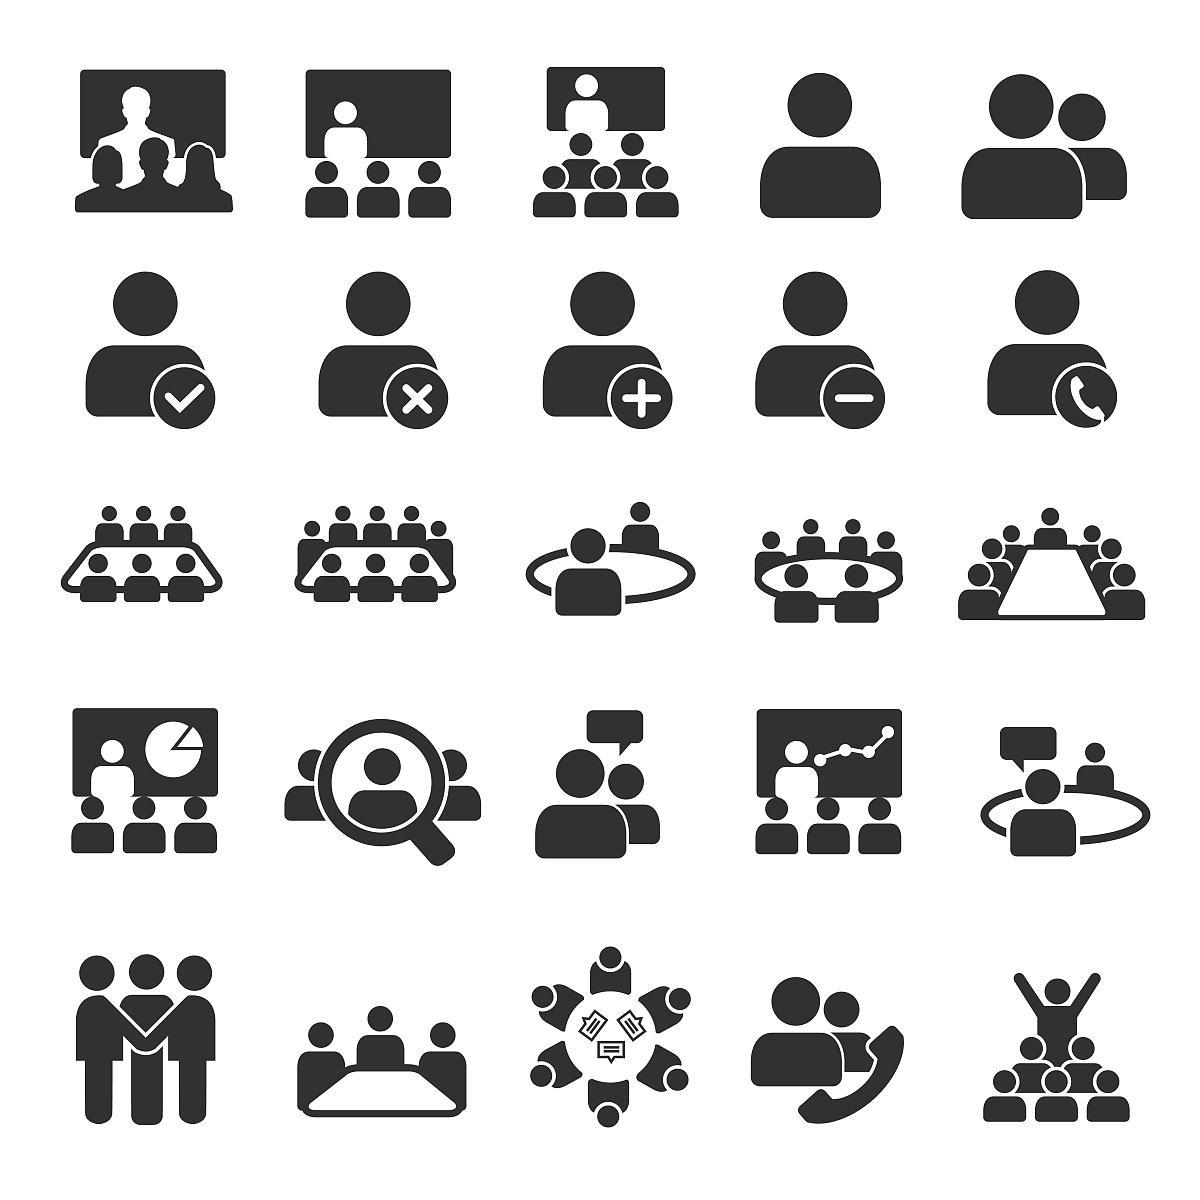 符号,办公大楼,正方形,计算机图标,书桌,研究会,演说,成年人,会议室图片